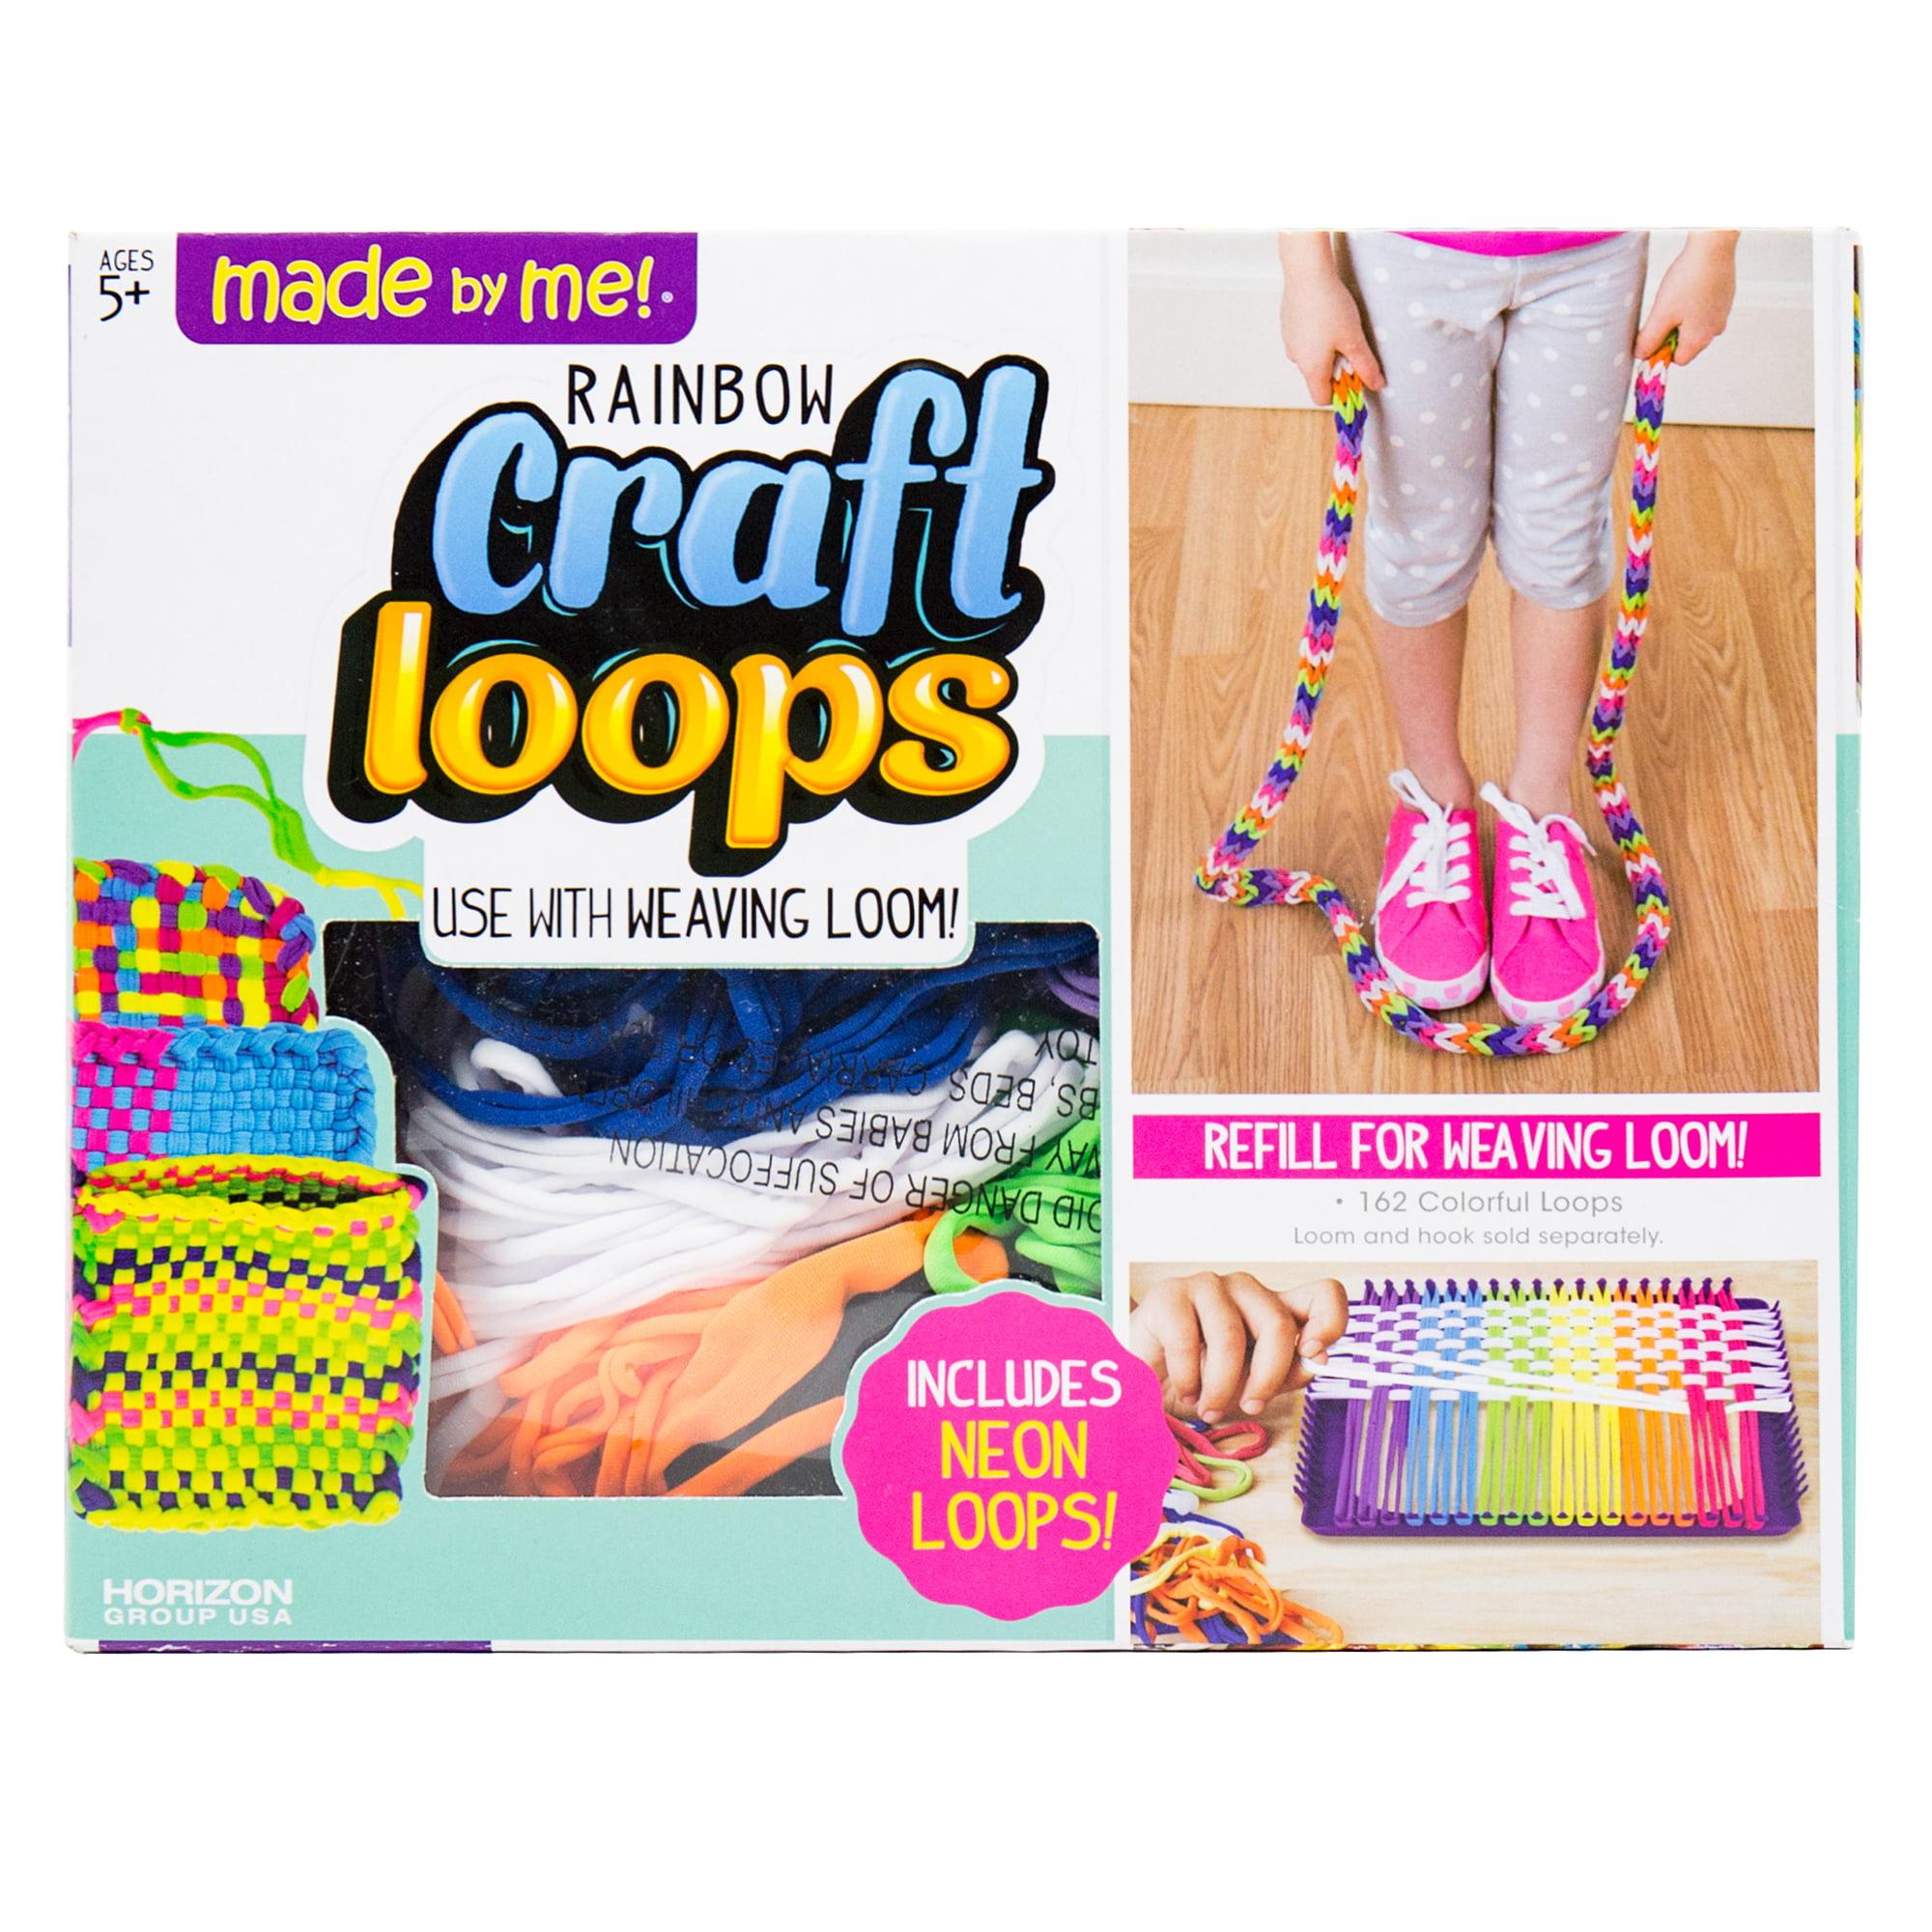 Loom Potholder Loops Weaving Loom Loops,195 Pieces Weaving Craft Loops Set for DIY Crafts Supplies 7 Inch